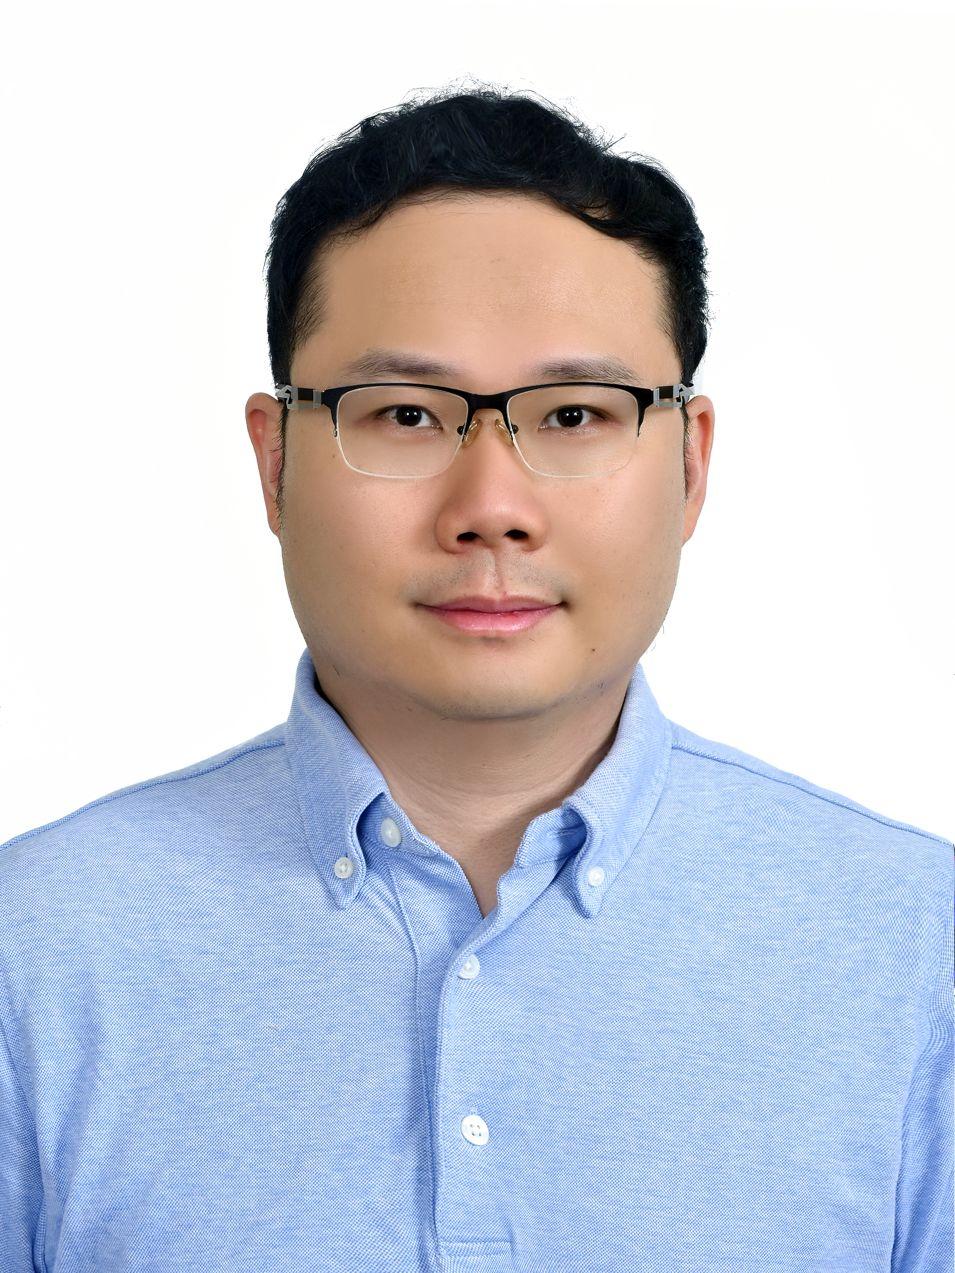 莊啓佑 專案助理教授(培力型)